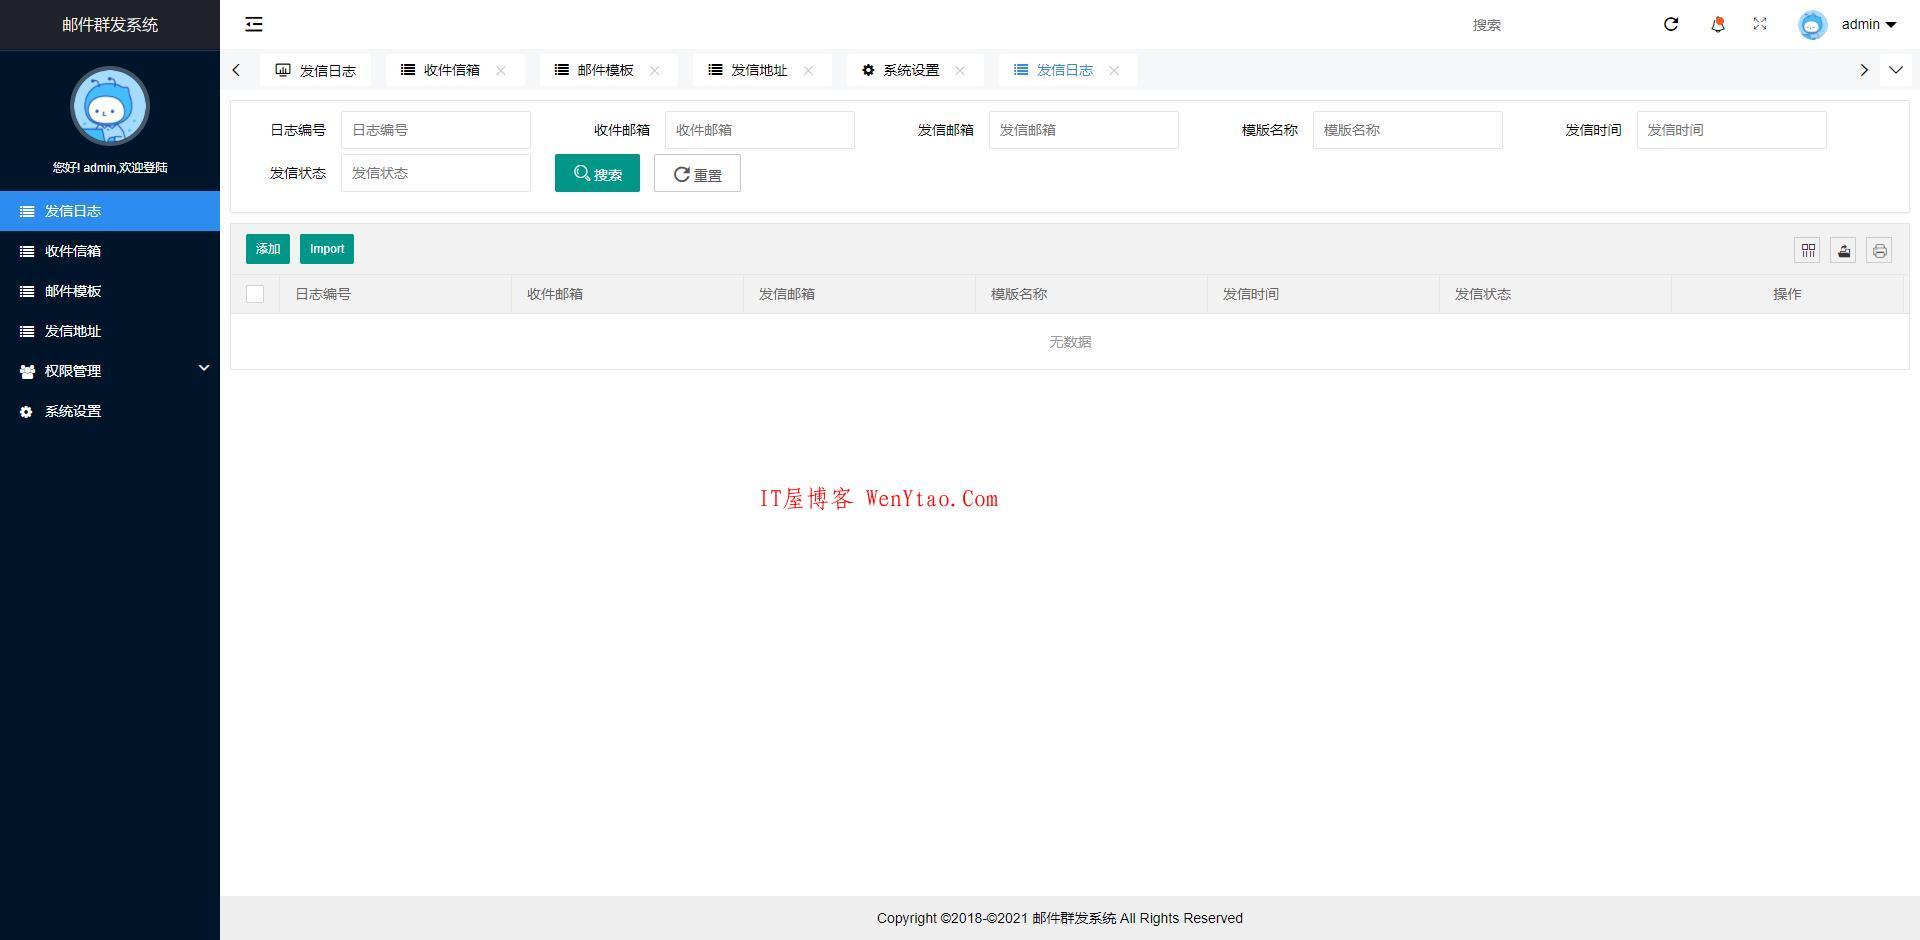 邮件群发管理系统Build 211007